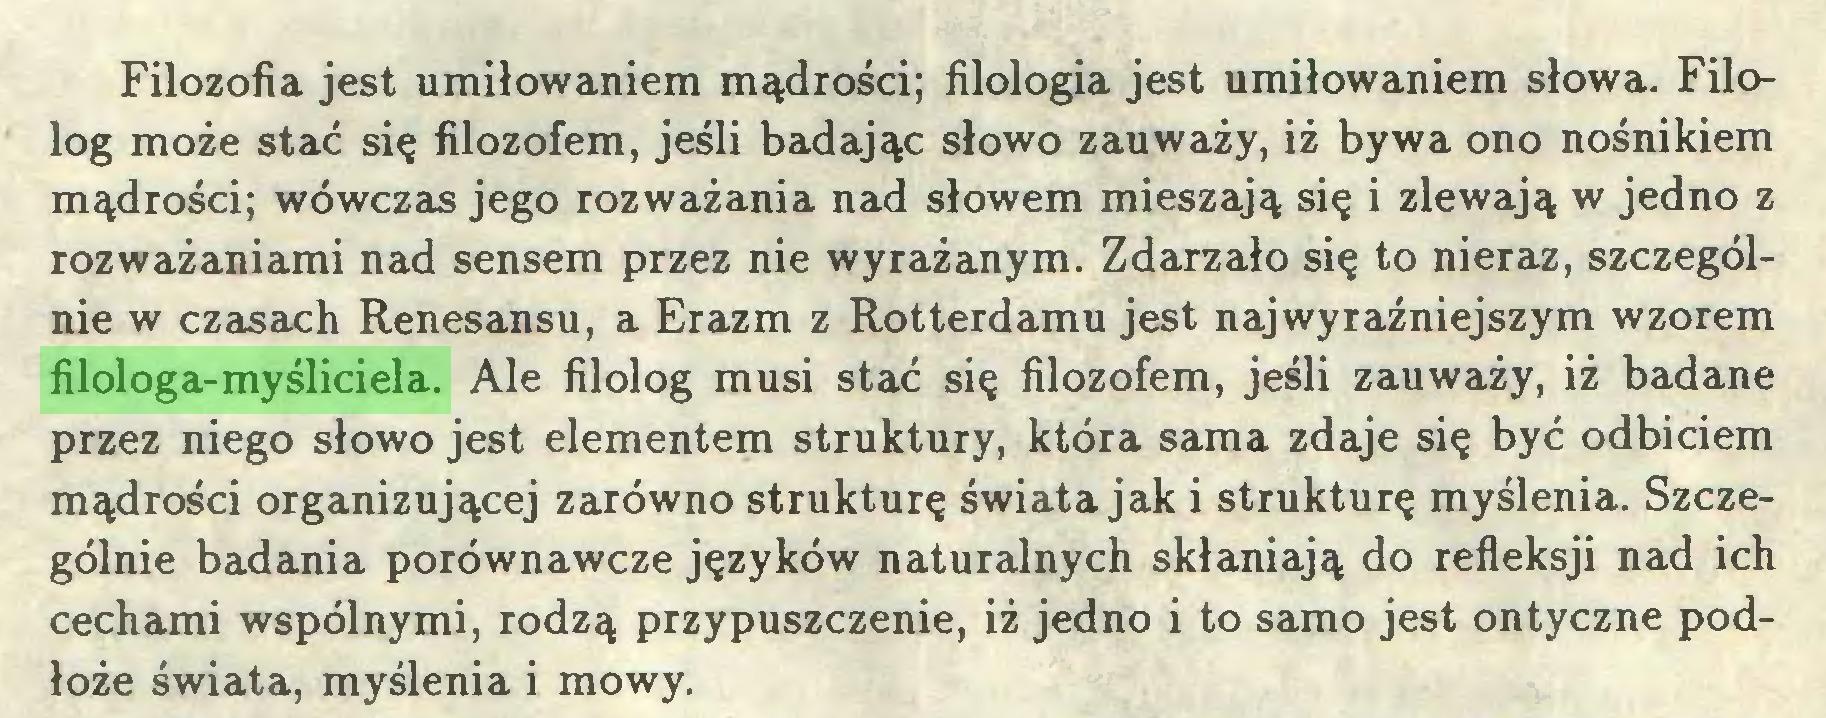 (...) Filozofia jest umiłowaniem mądrości; filologia jest umiłowaniem słowa. Filolog może stać się filozofem, jeśli badając słowo zauważy, iż bywa ono nośnikiem mądrości; wówczas jego rozważania nad słowem mieszają się i zlewają w jedno z rozważaniami nad sensem przez nie wyrażanym. Zdarzało się to nieraz, szczególnie w czasach Renesansu, a Erazm z Rotterdamu jest najwyraźniejszym wzorem filologa-myśliciela. Ale filolog musi stać się filozofem, jeśli zauważy, iż badane przez niego słowo jest elementem struktury, która sama zdaje się być odbiciem mądrości organizującej zarówno strukturę świata jak i strukturę myślenia. Szczególnie badania porównawcze języków naturalnych skłaniają do refleksji nad ich cechami wspólnymi, rodzą przypuszczenie, iż jedno i to samo jest ontyczne podłoże świata, myślenia i mowy...